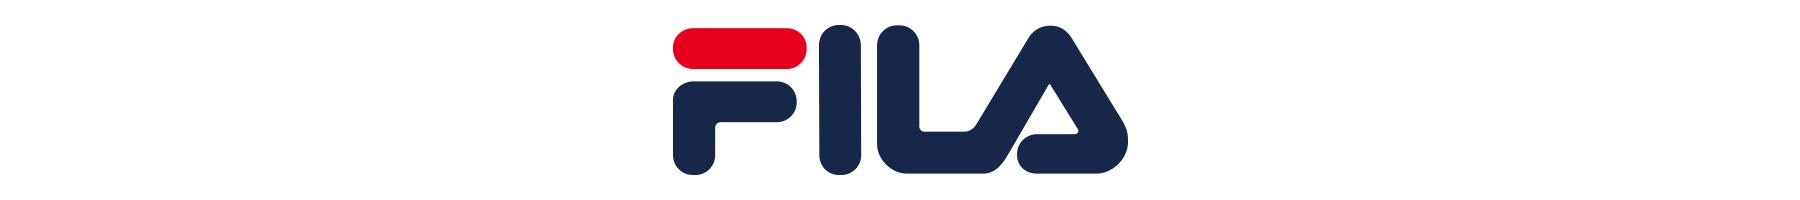 DrJays.com - FILA